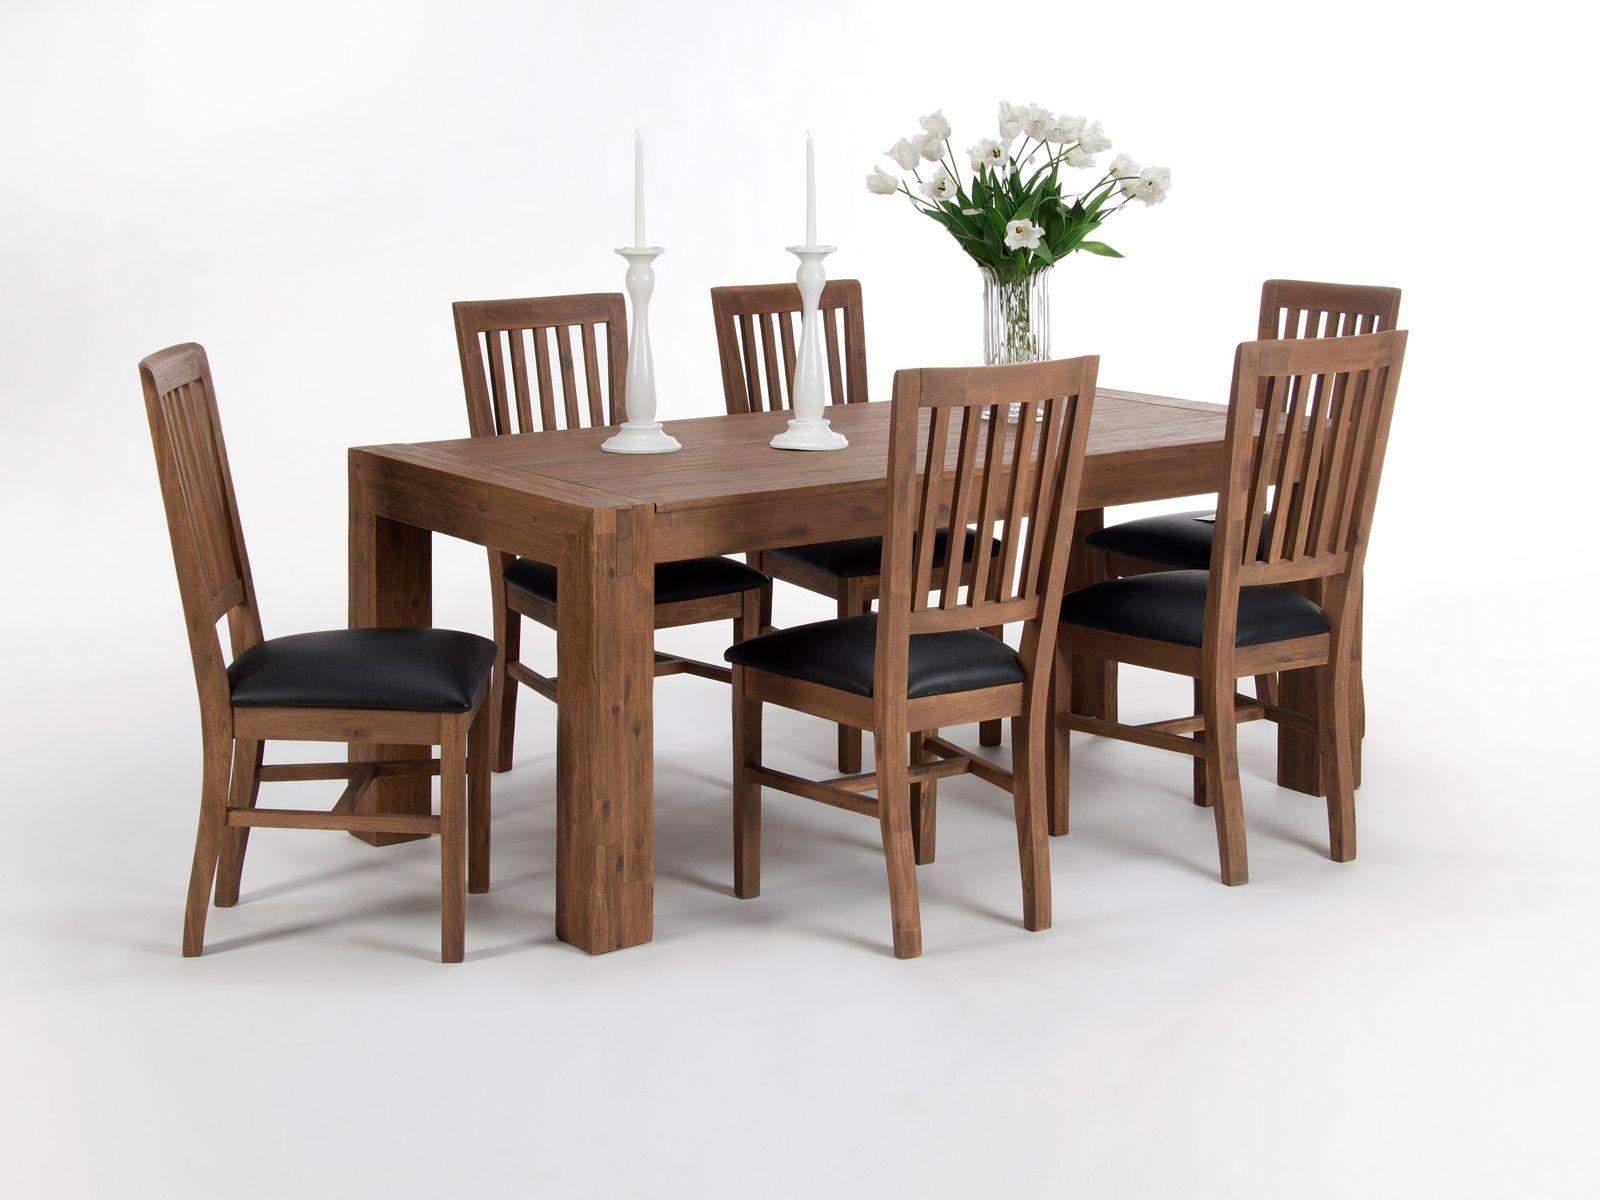 Table a manger chaise le monde de l a - Table et chaise crayon ...